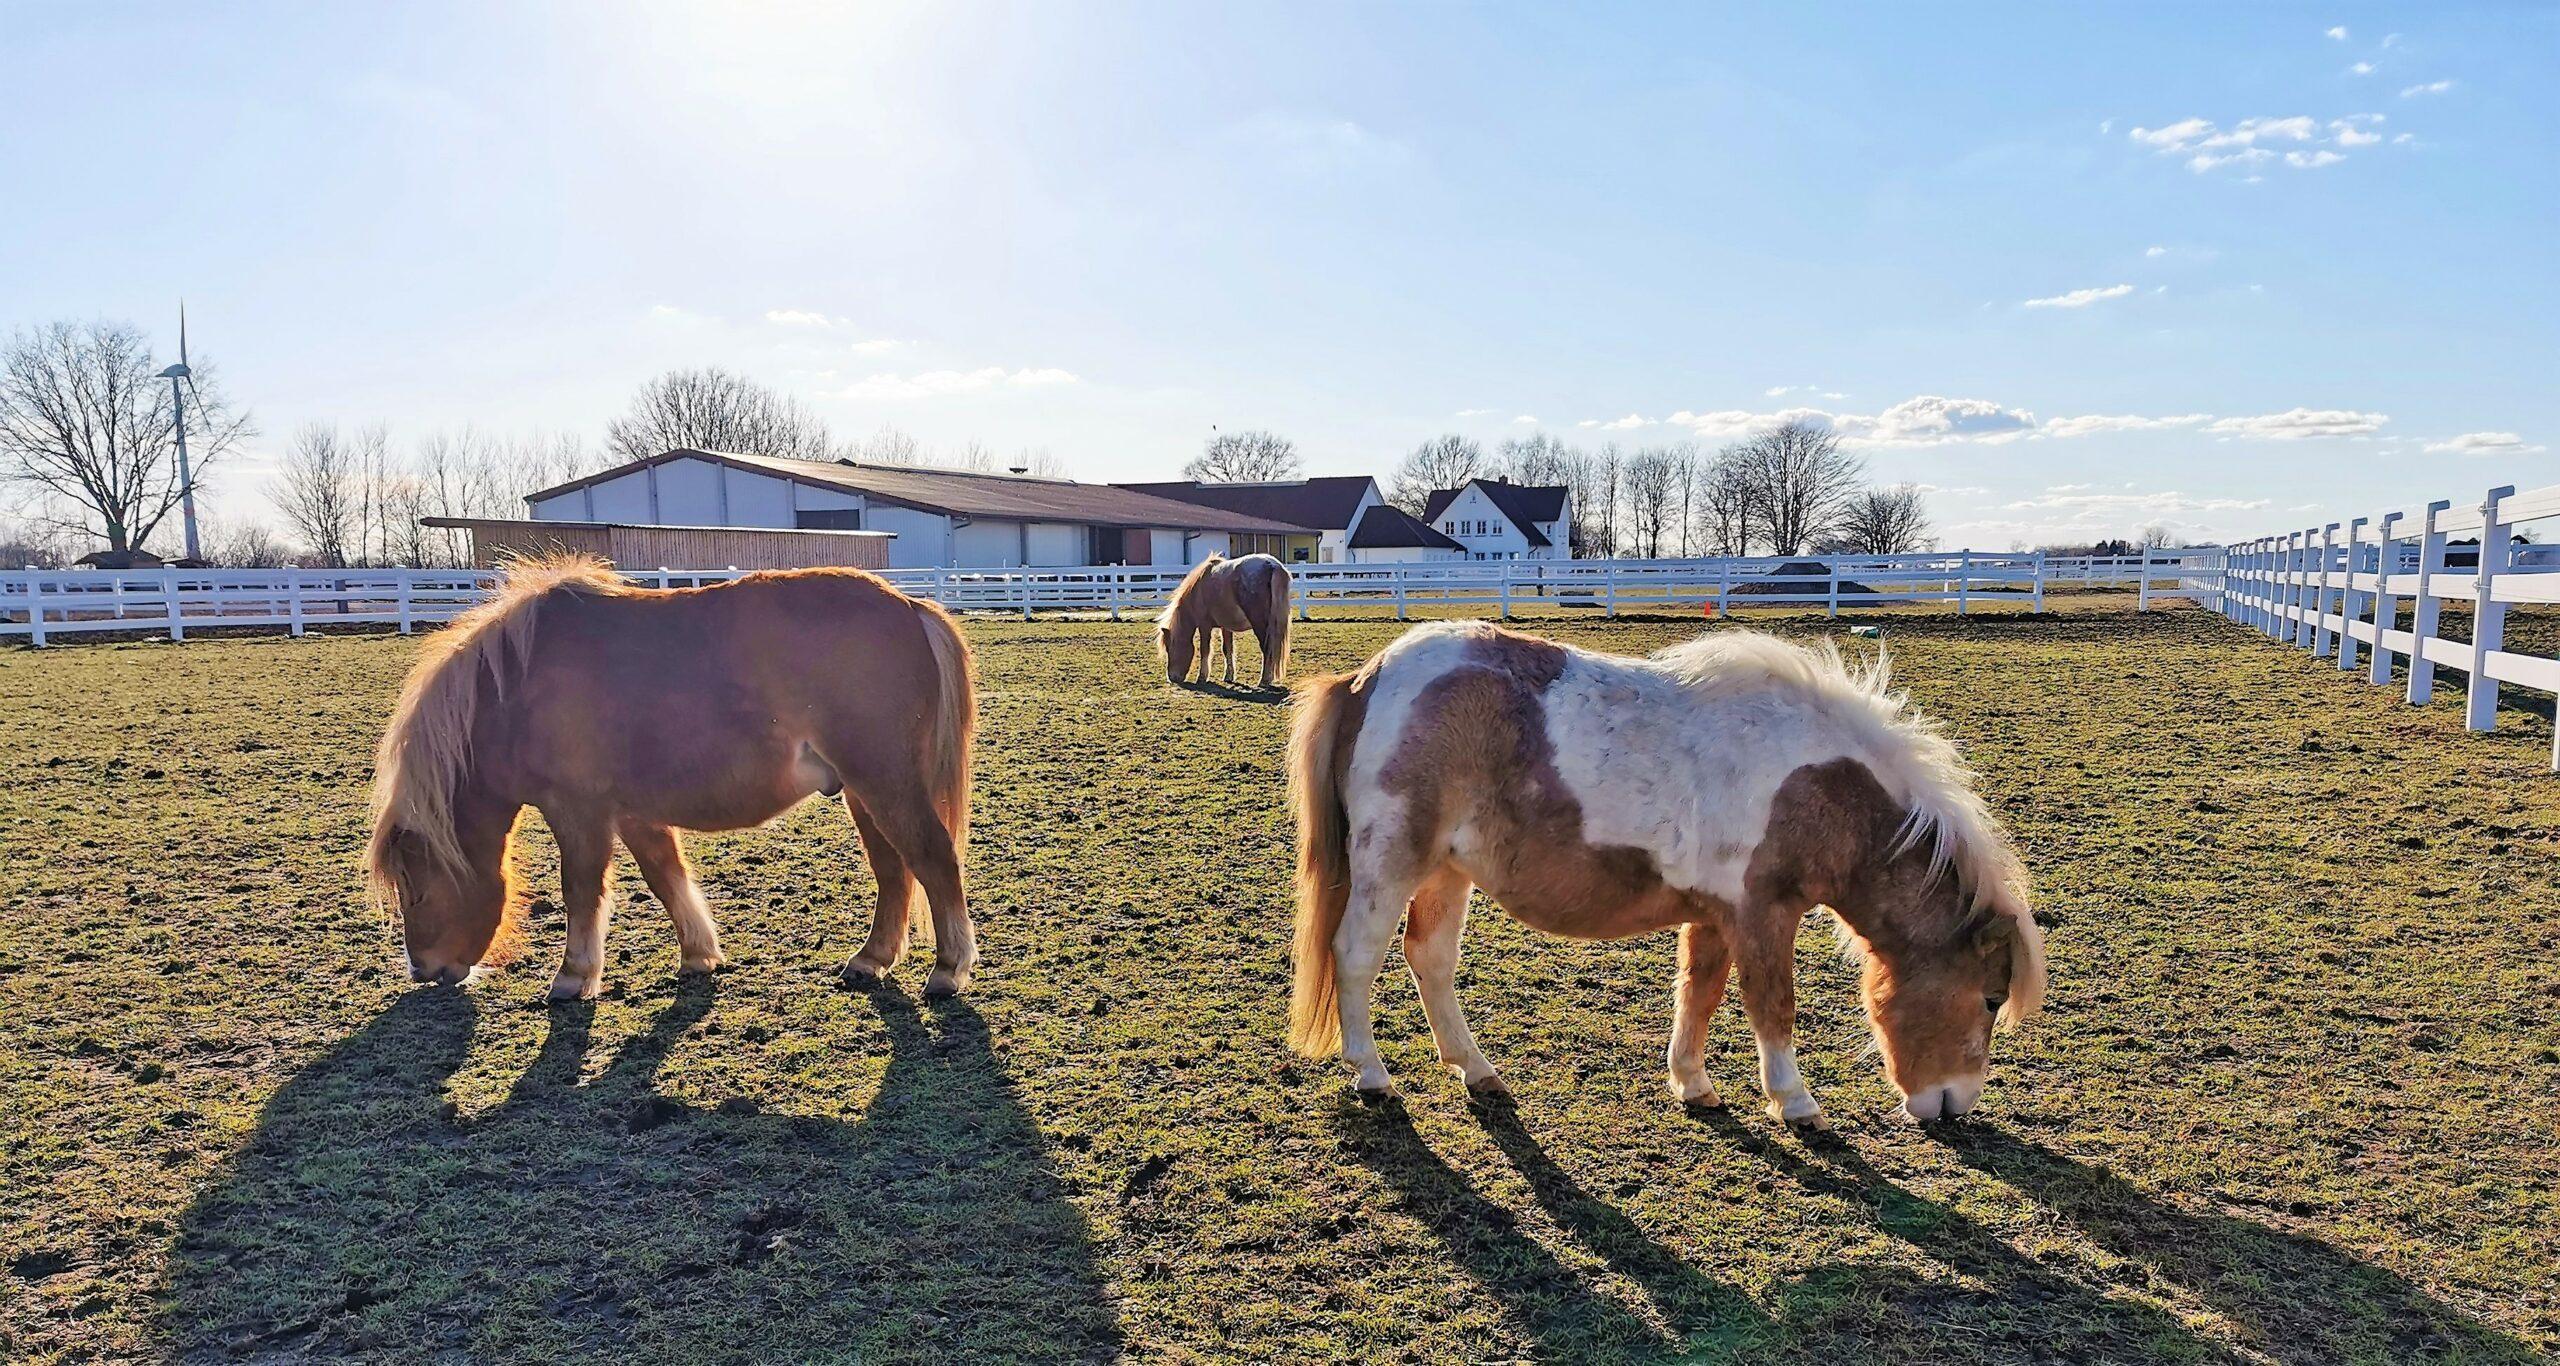 Ballermann Ranch Plant Öffnung Am Ostermontag